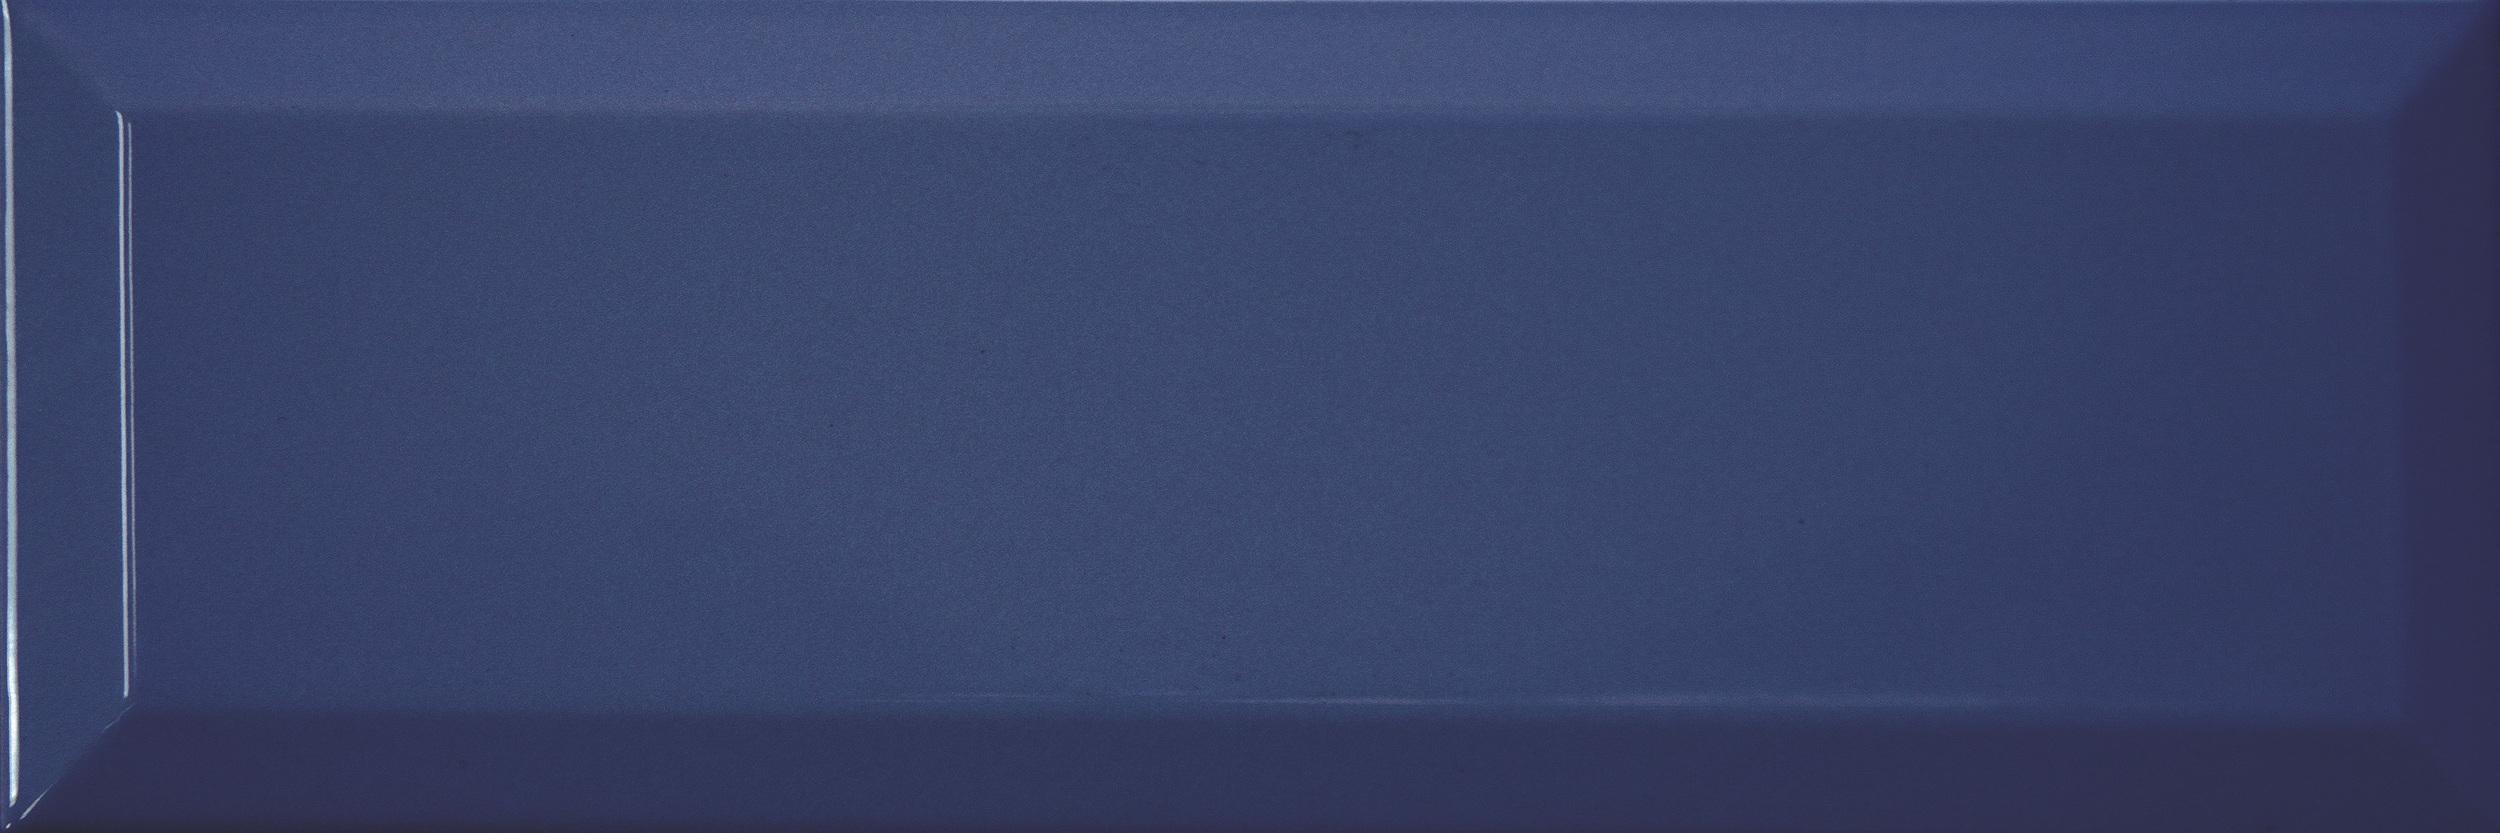 Subway Bleu Br · 10x30